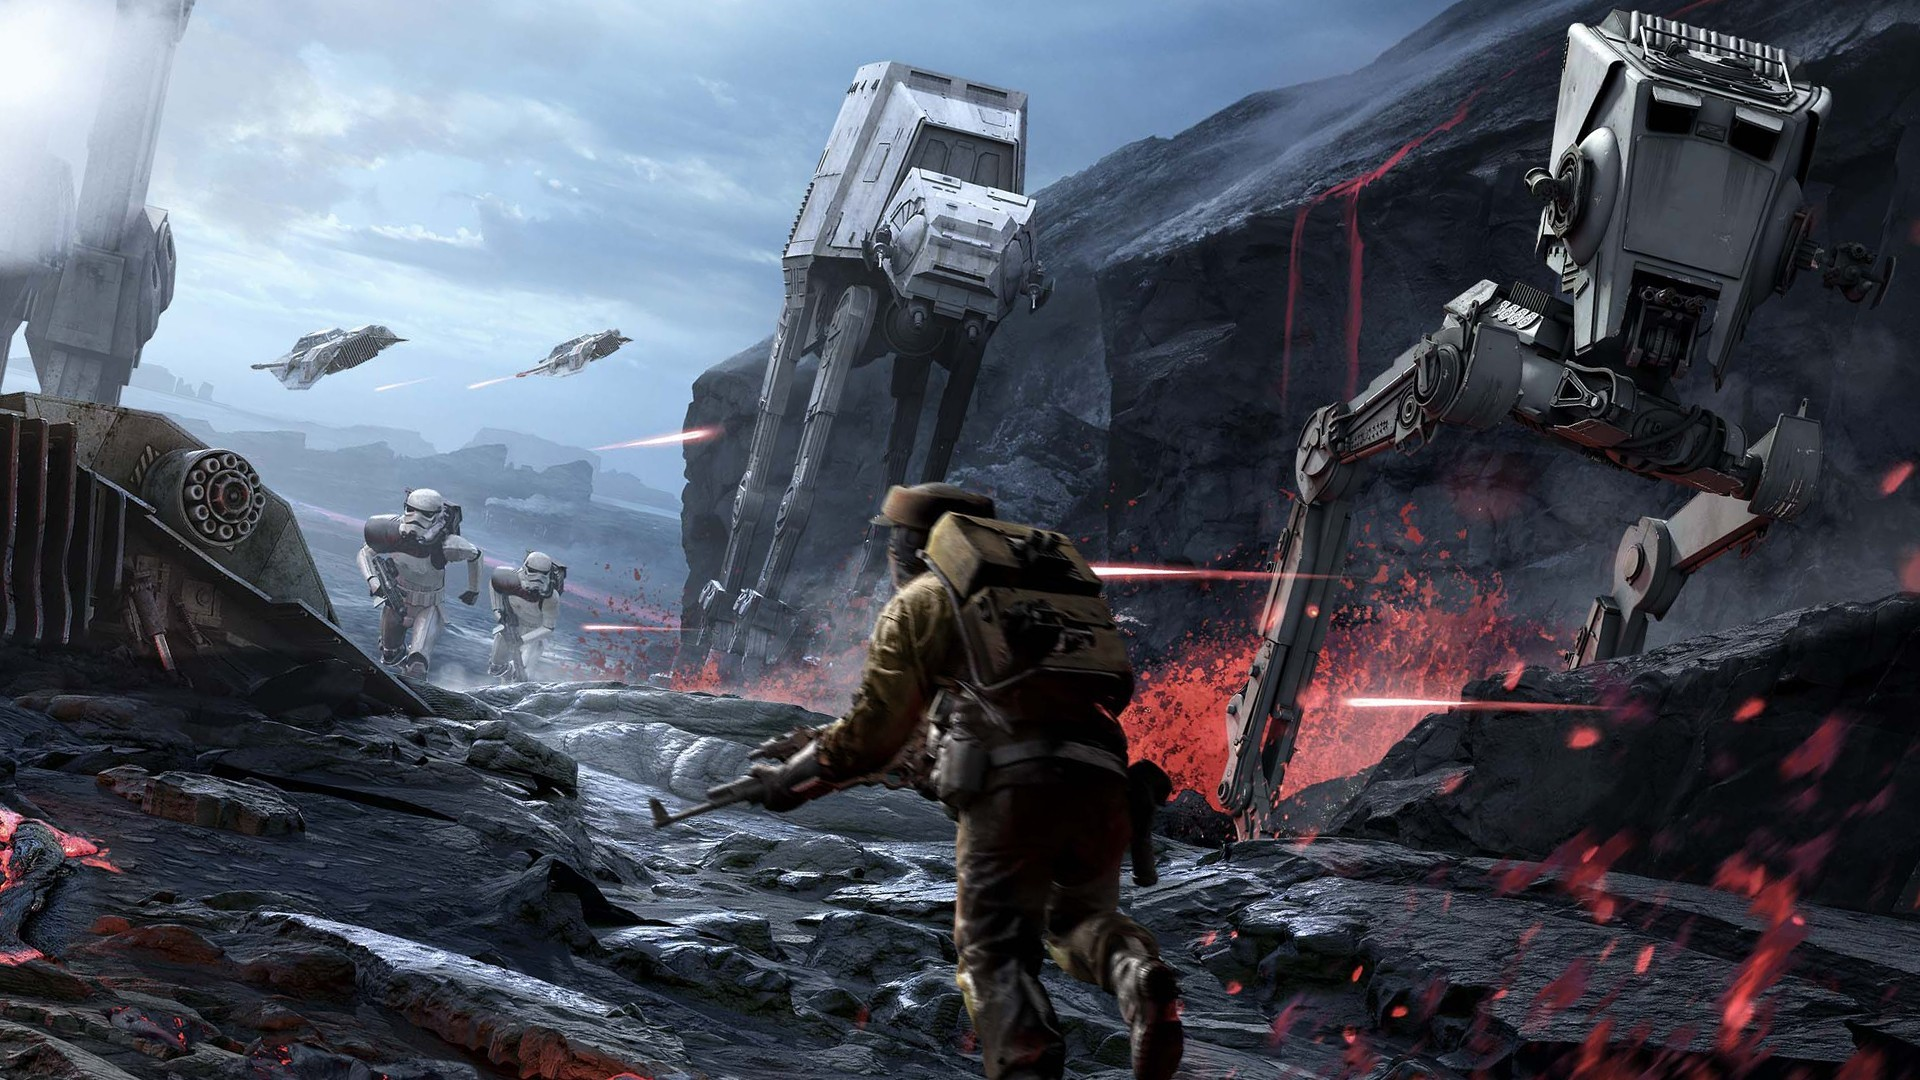 Ea Star Wars Battlefront Wallpaper 83 Images